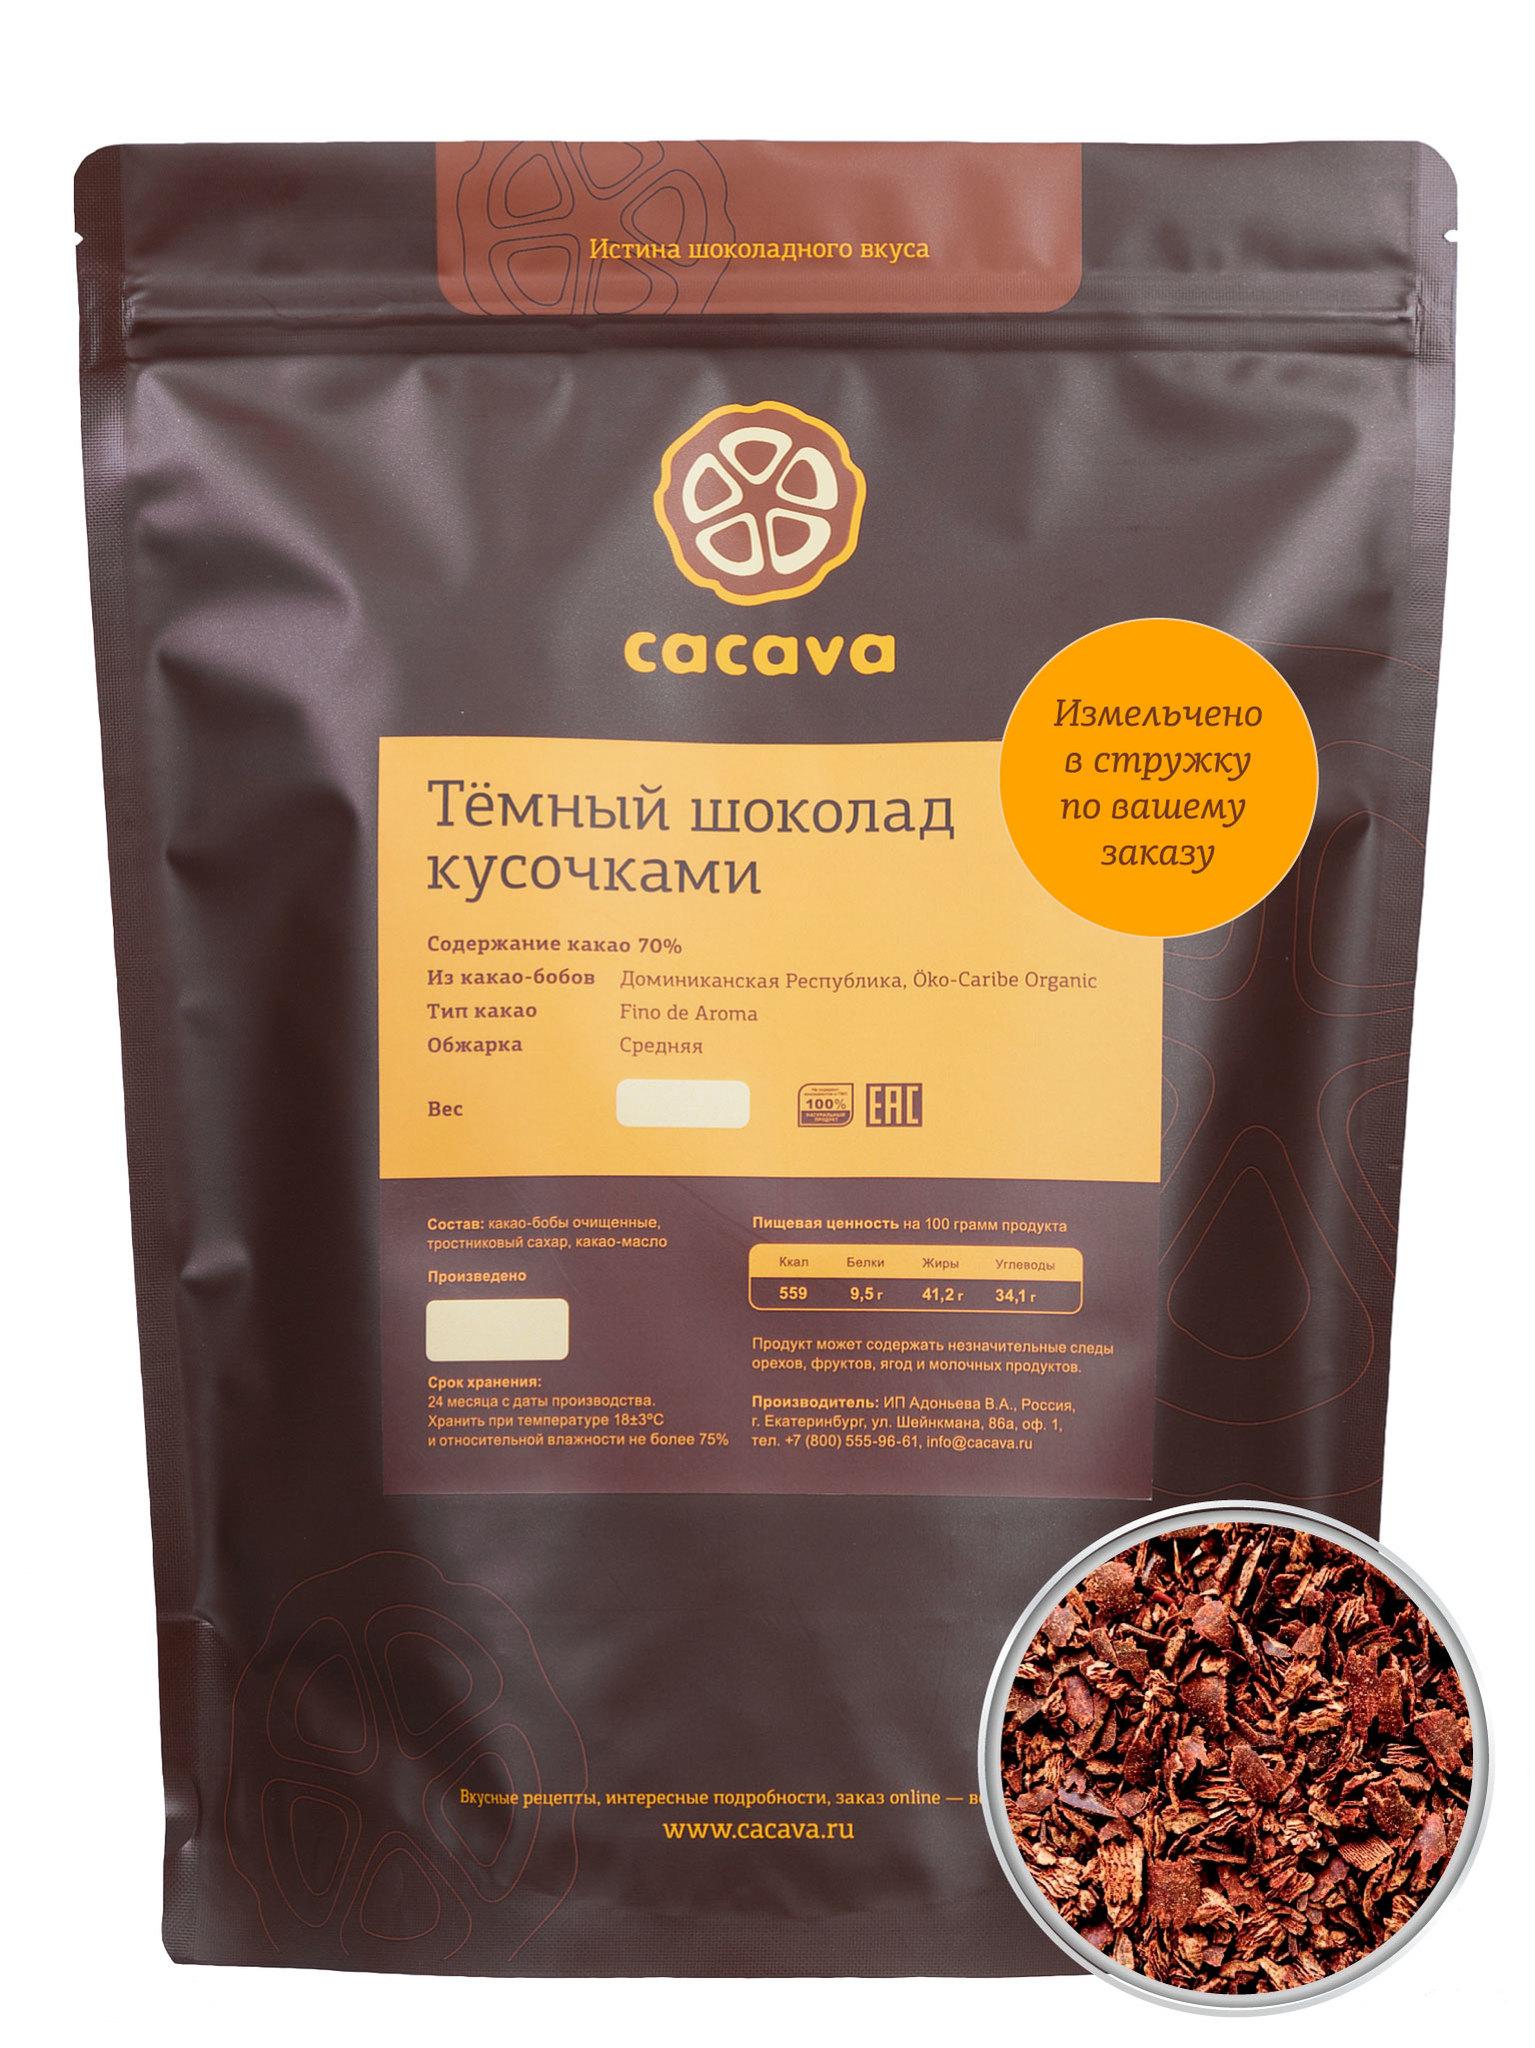 Тёмный шоколад 70 % какао в стружке (Доминикана, ÖKO CARIBE), упаковка 1 кг